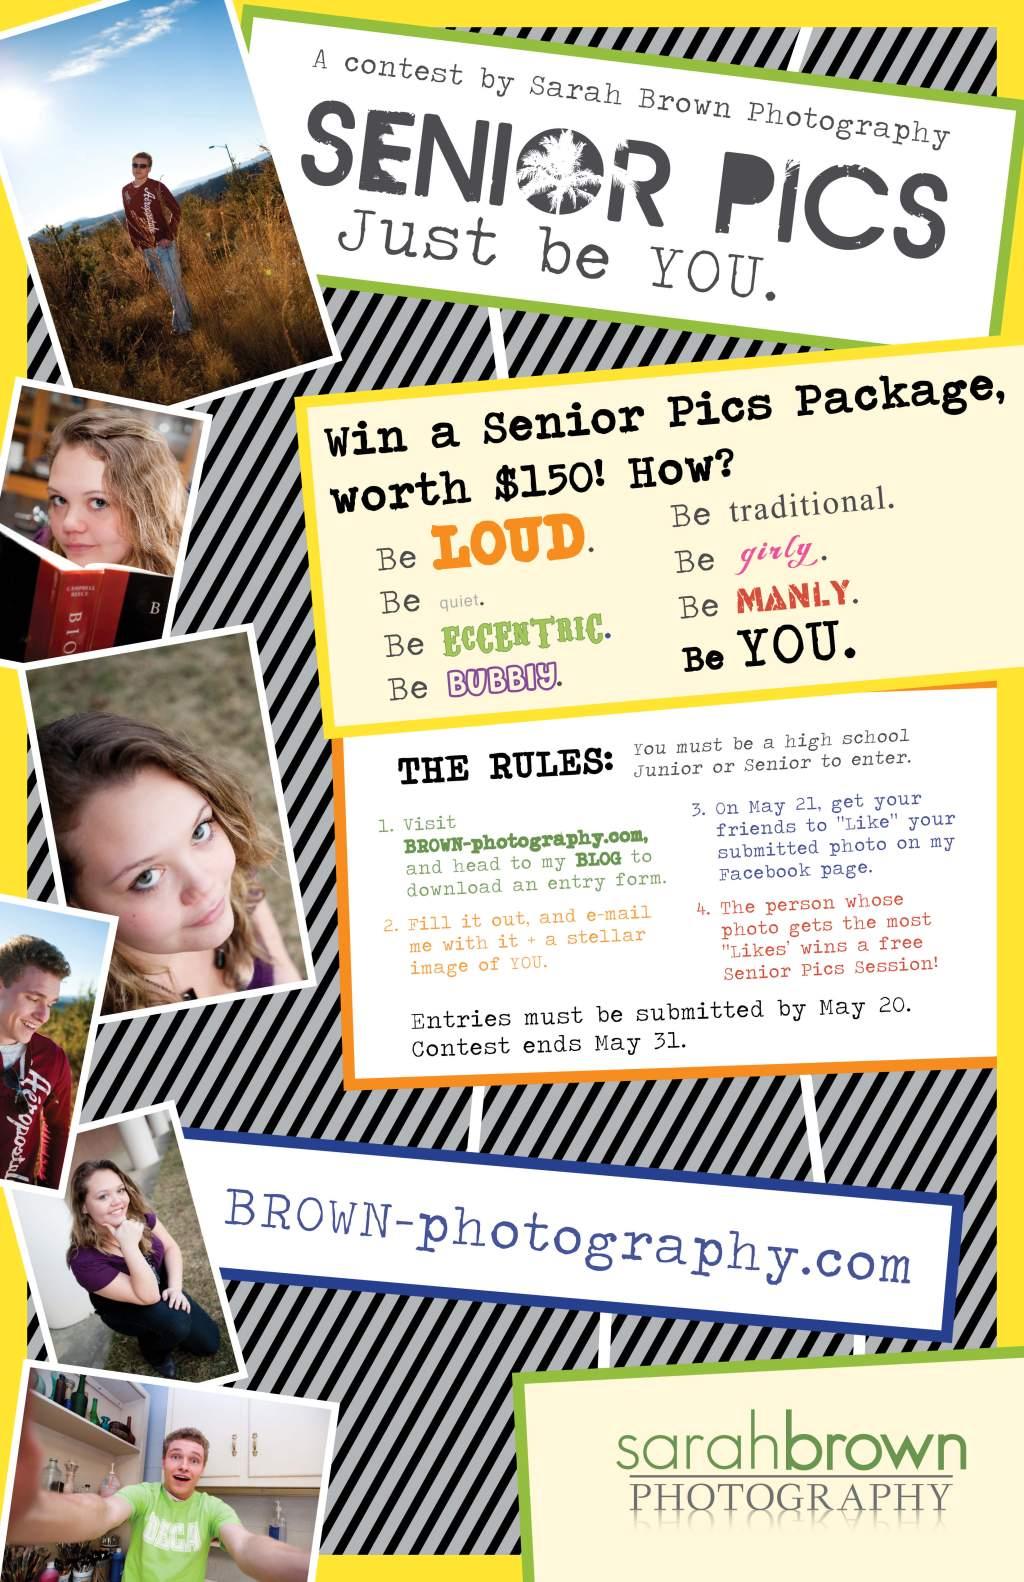 Senior Pics Contest 2011